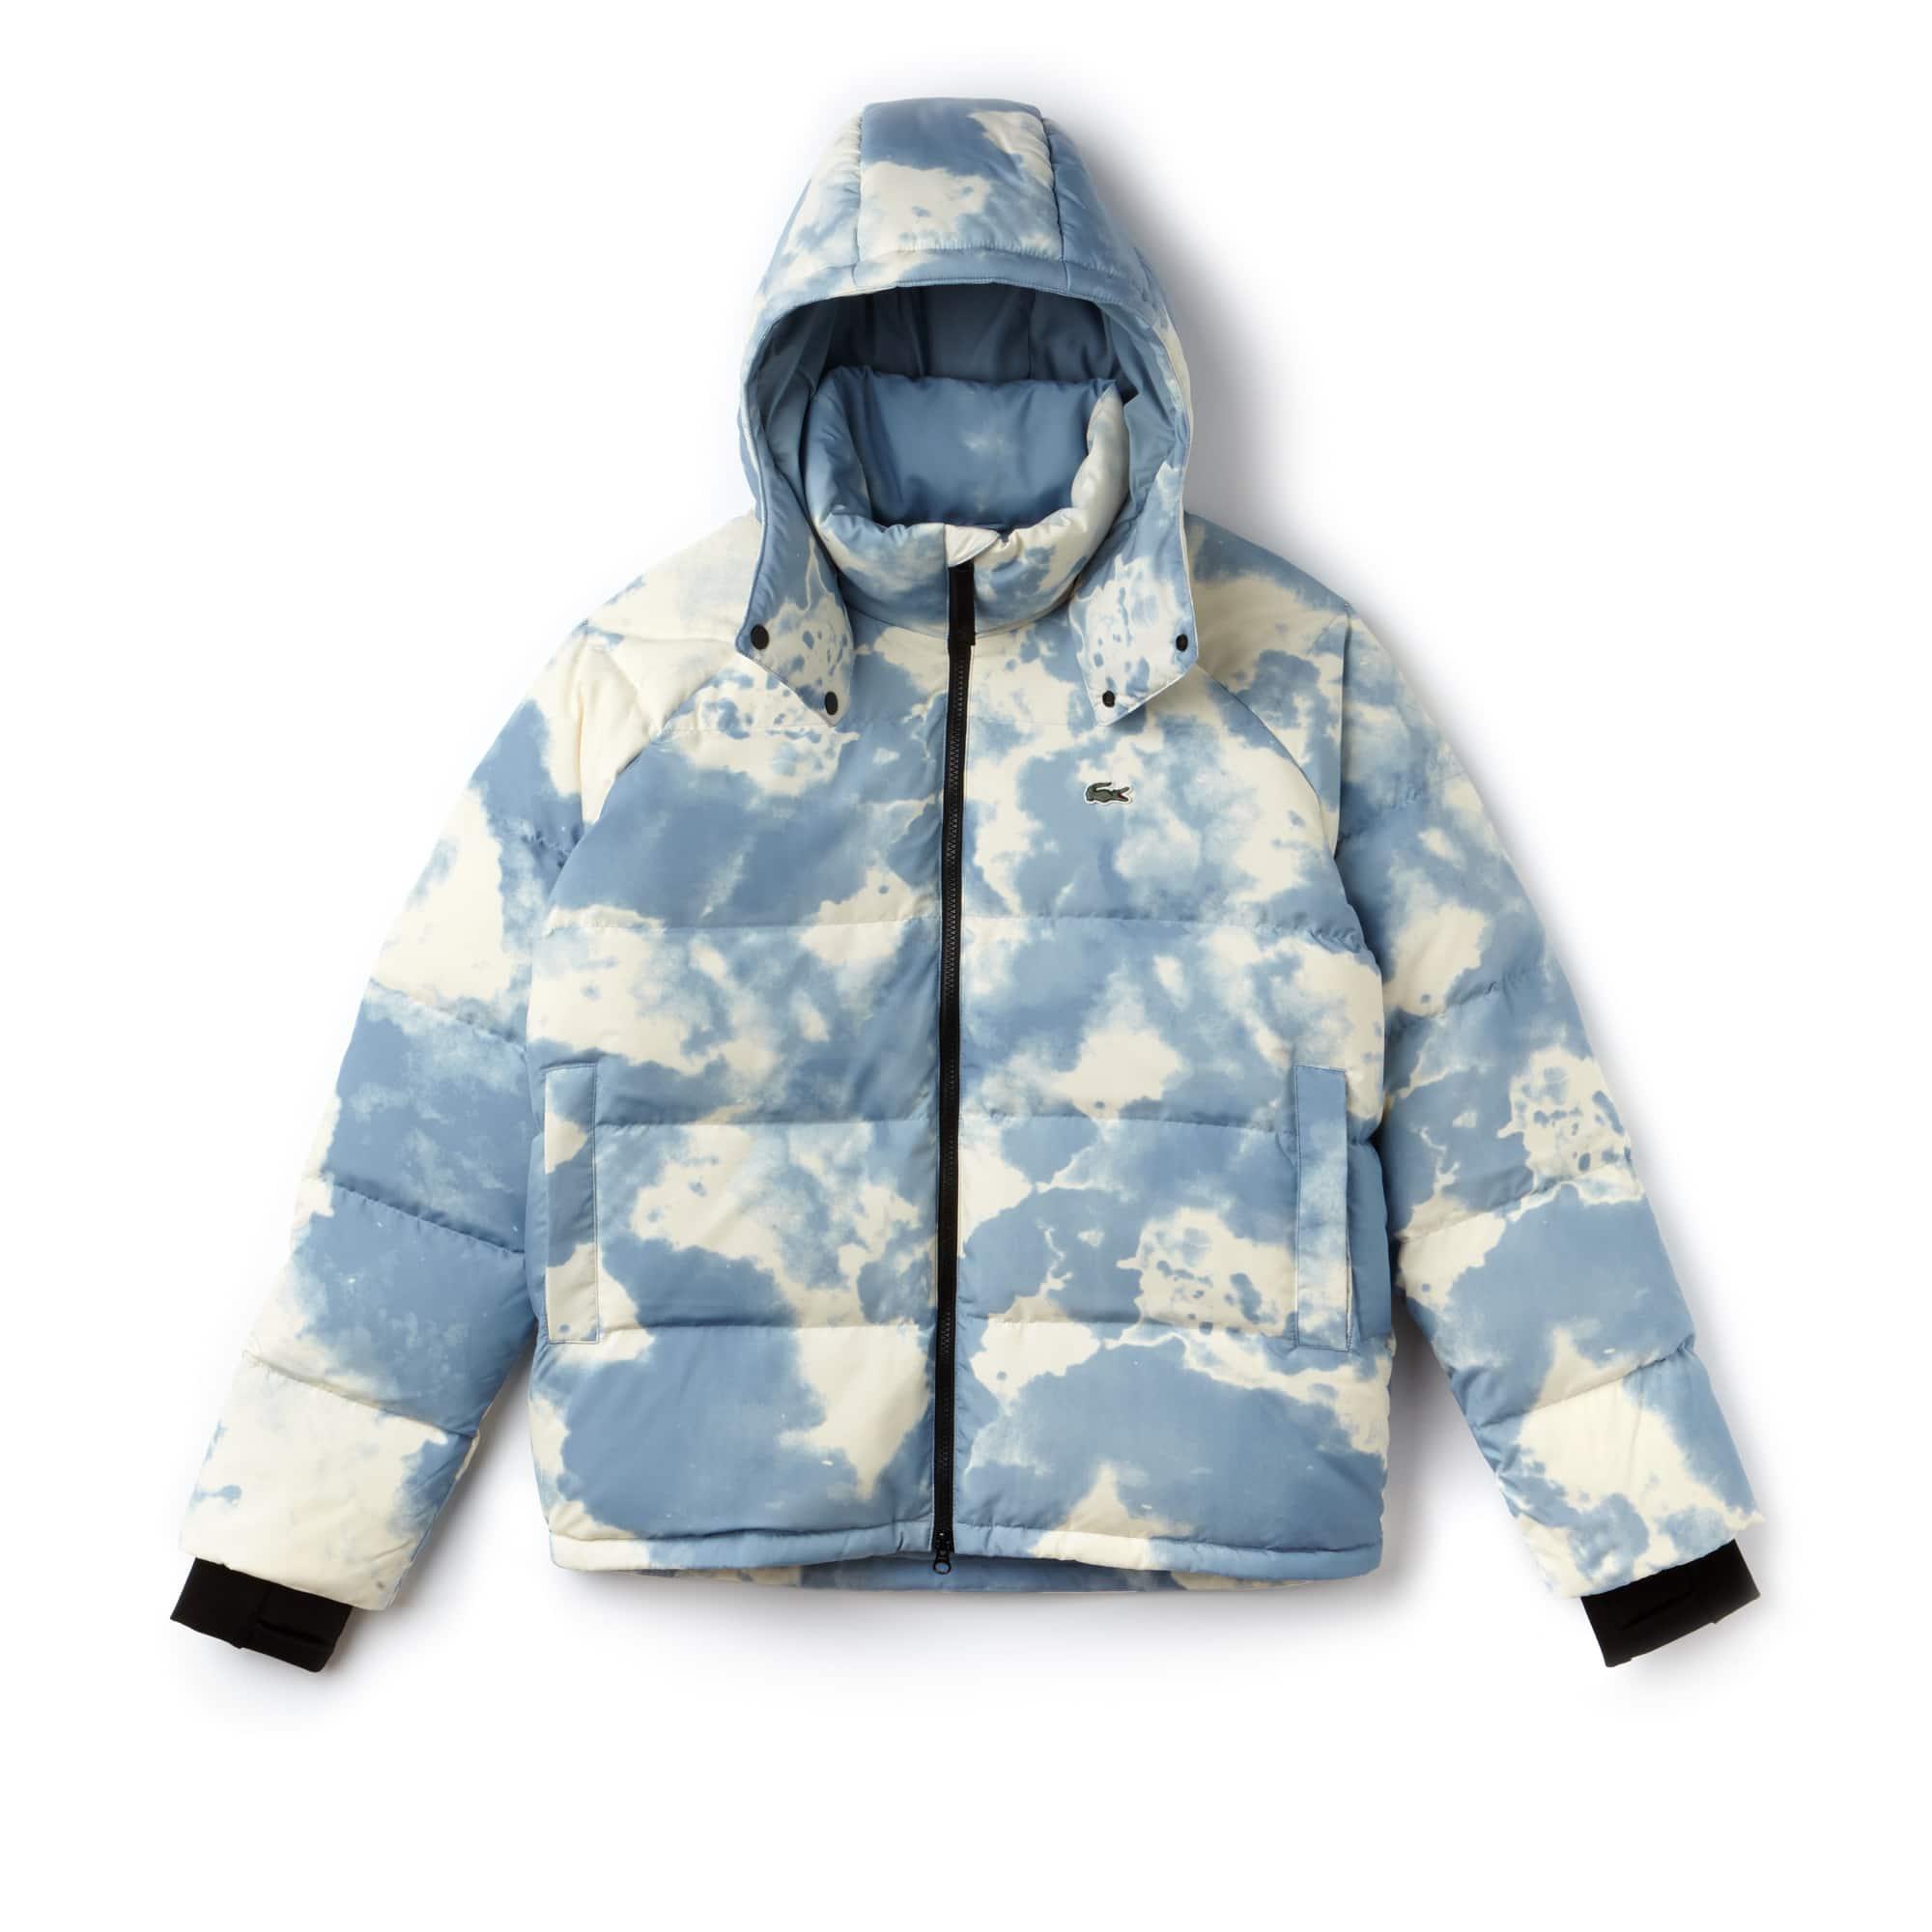 (여성) 라코스테 라이브 방수 태피터 퀼팅 숏 자켓